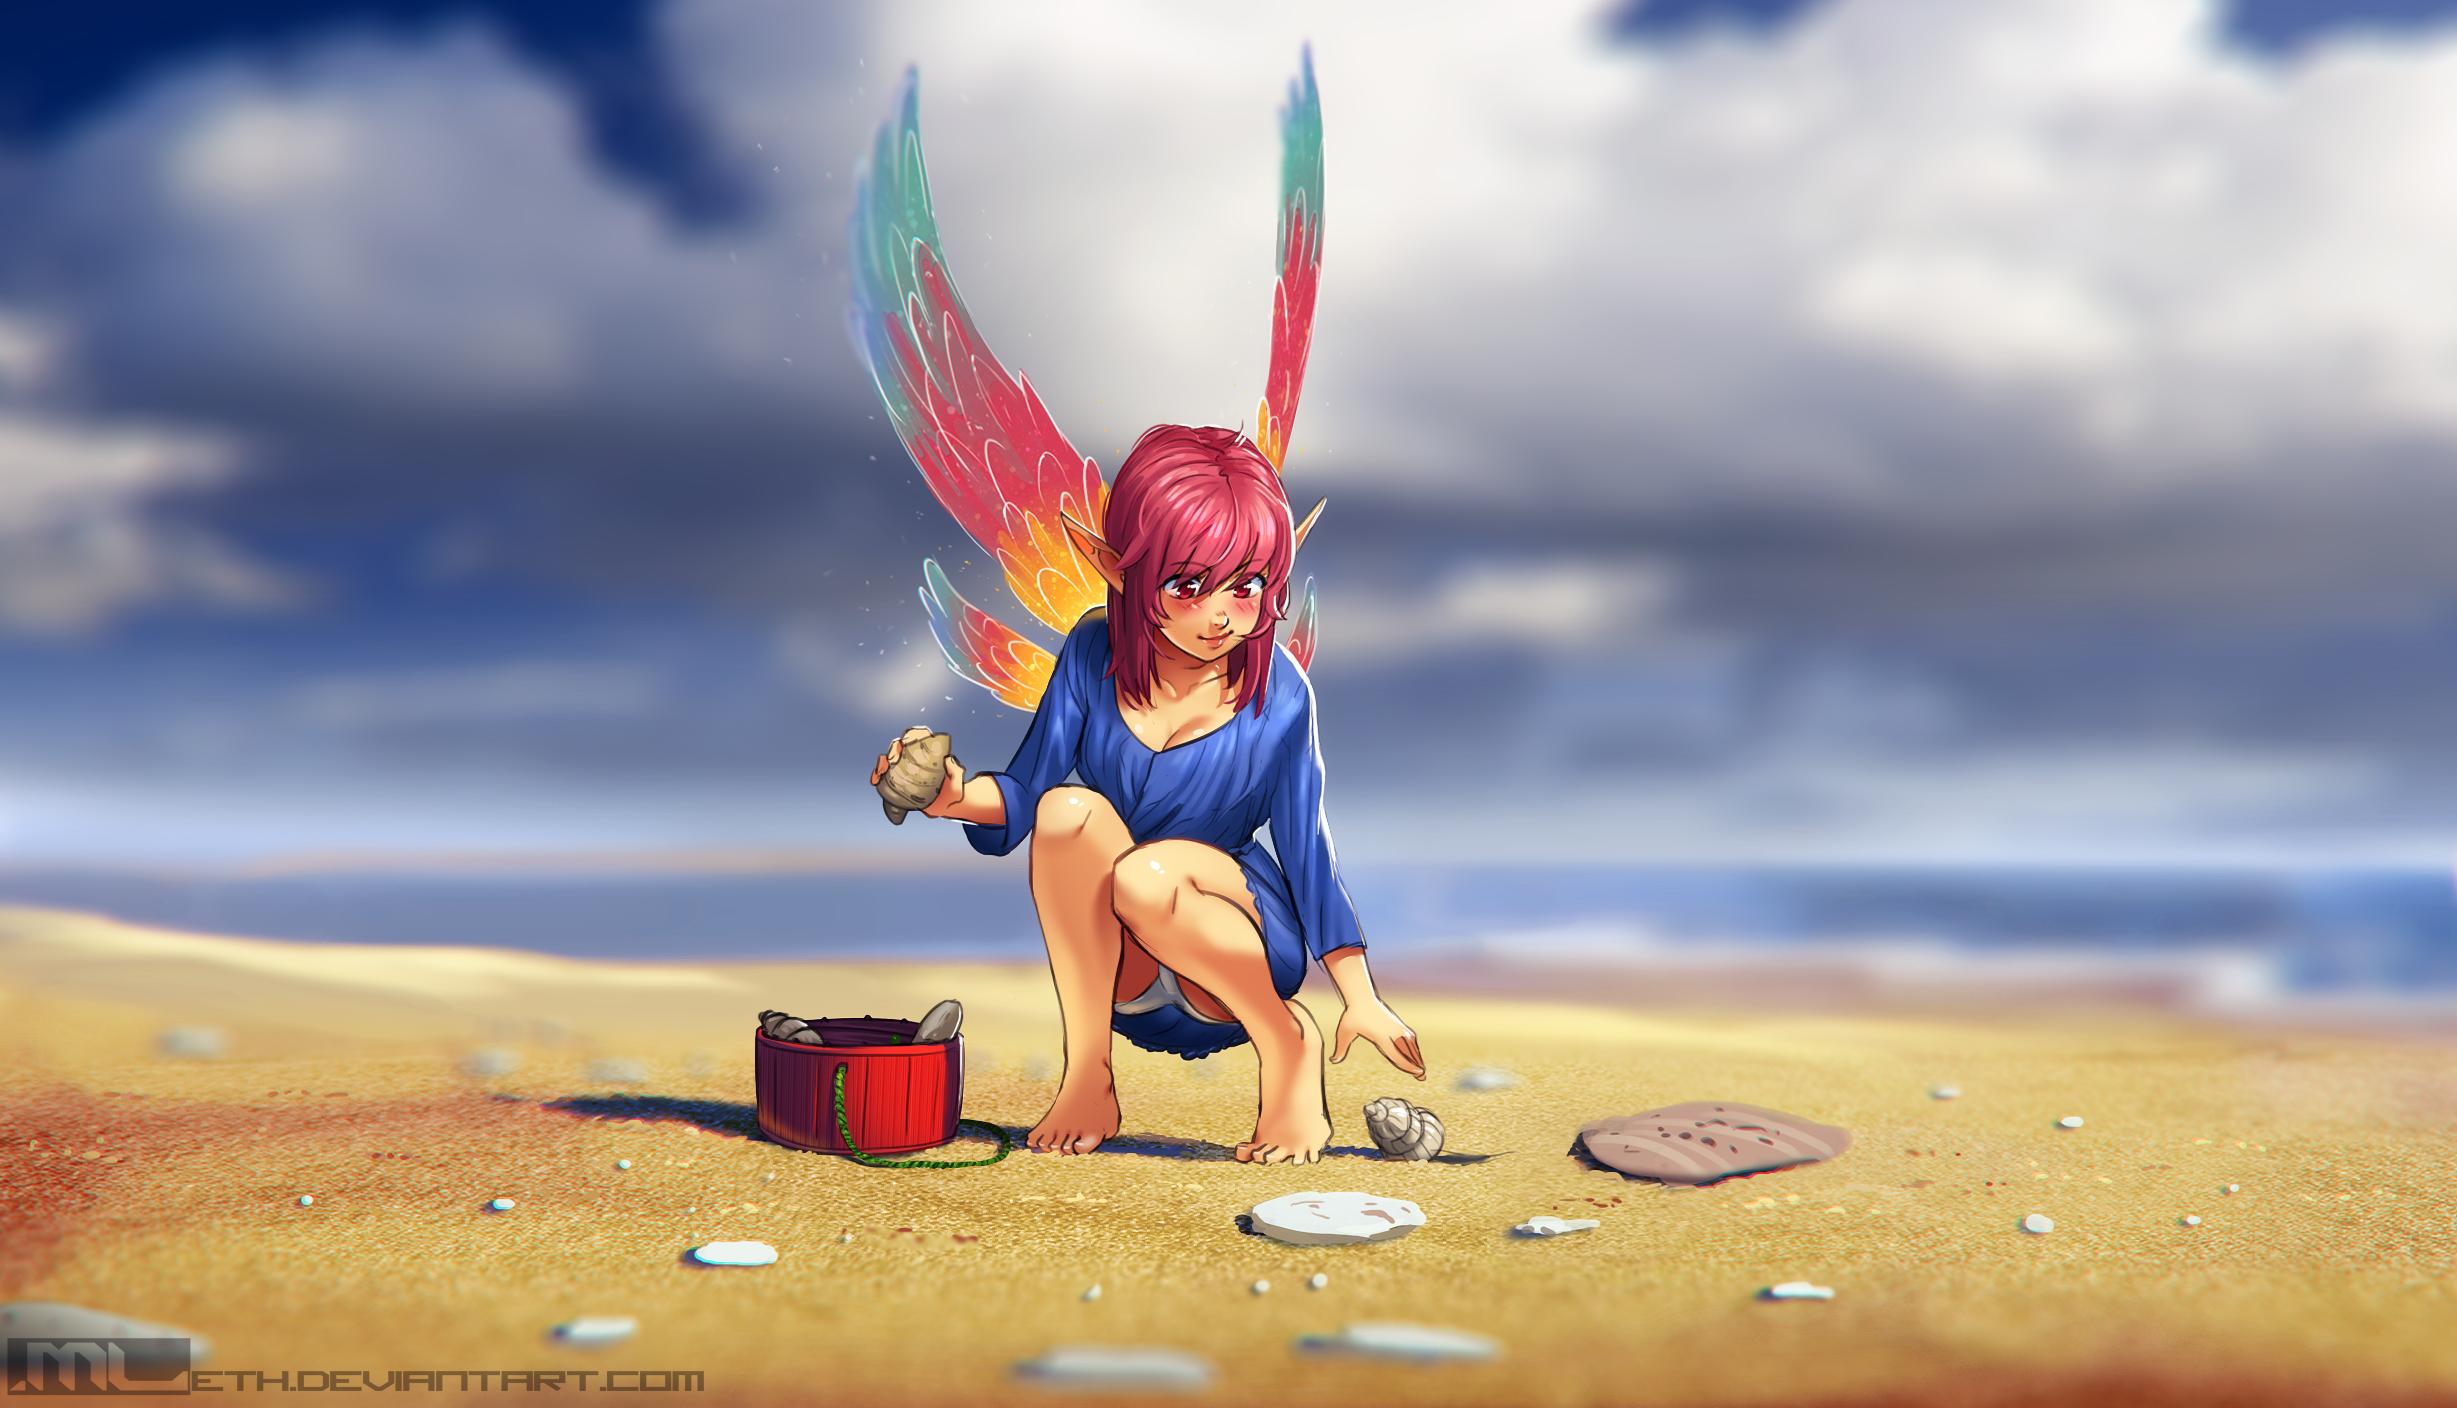 Erylia collecting seashells